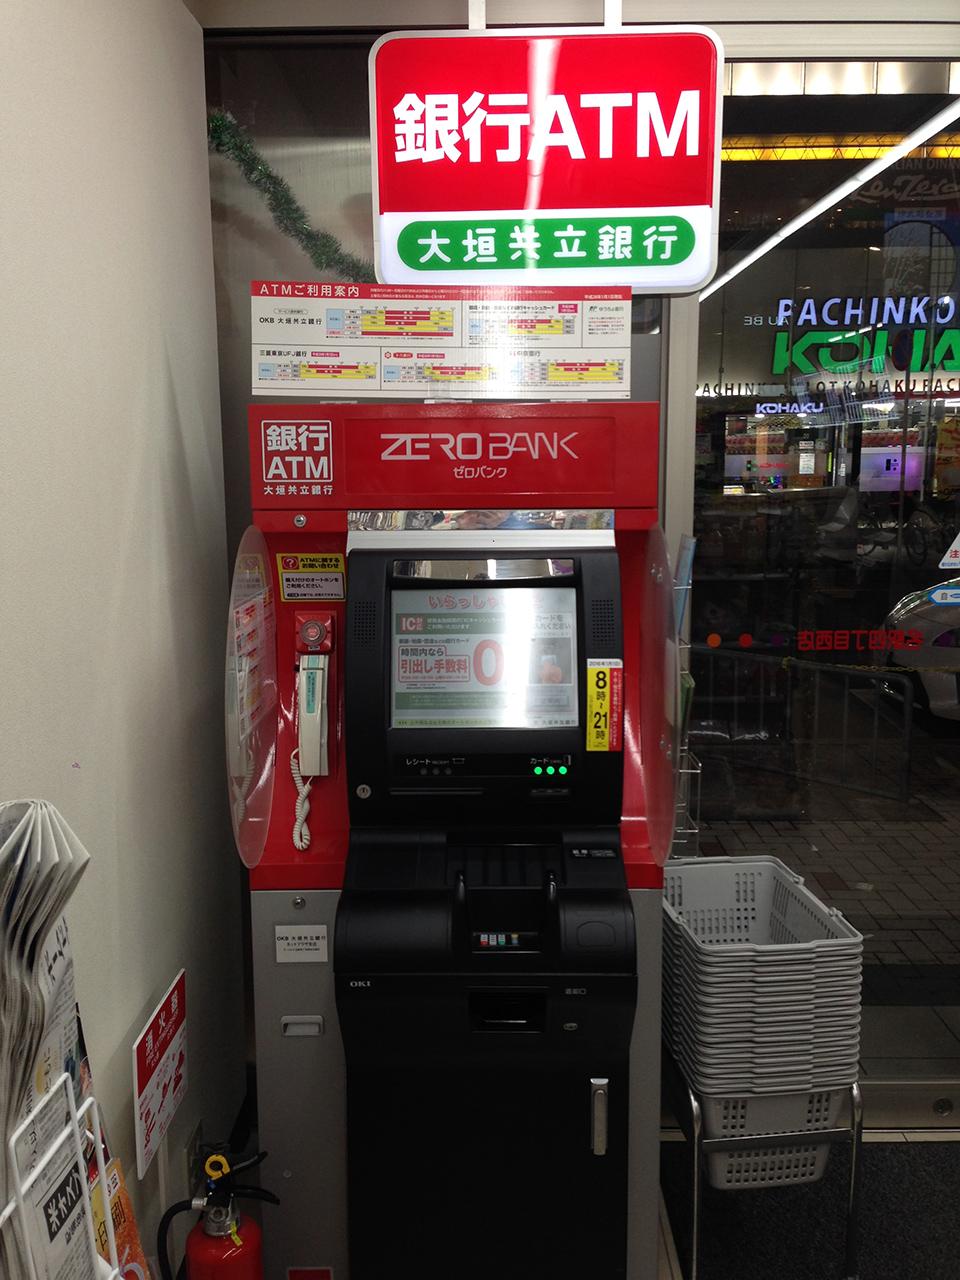 บริการใน ร้านสะดวกซื้อญี่ปุ่น : ตู้ ATM กดเงิน